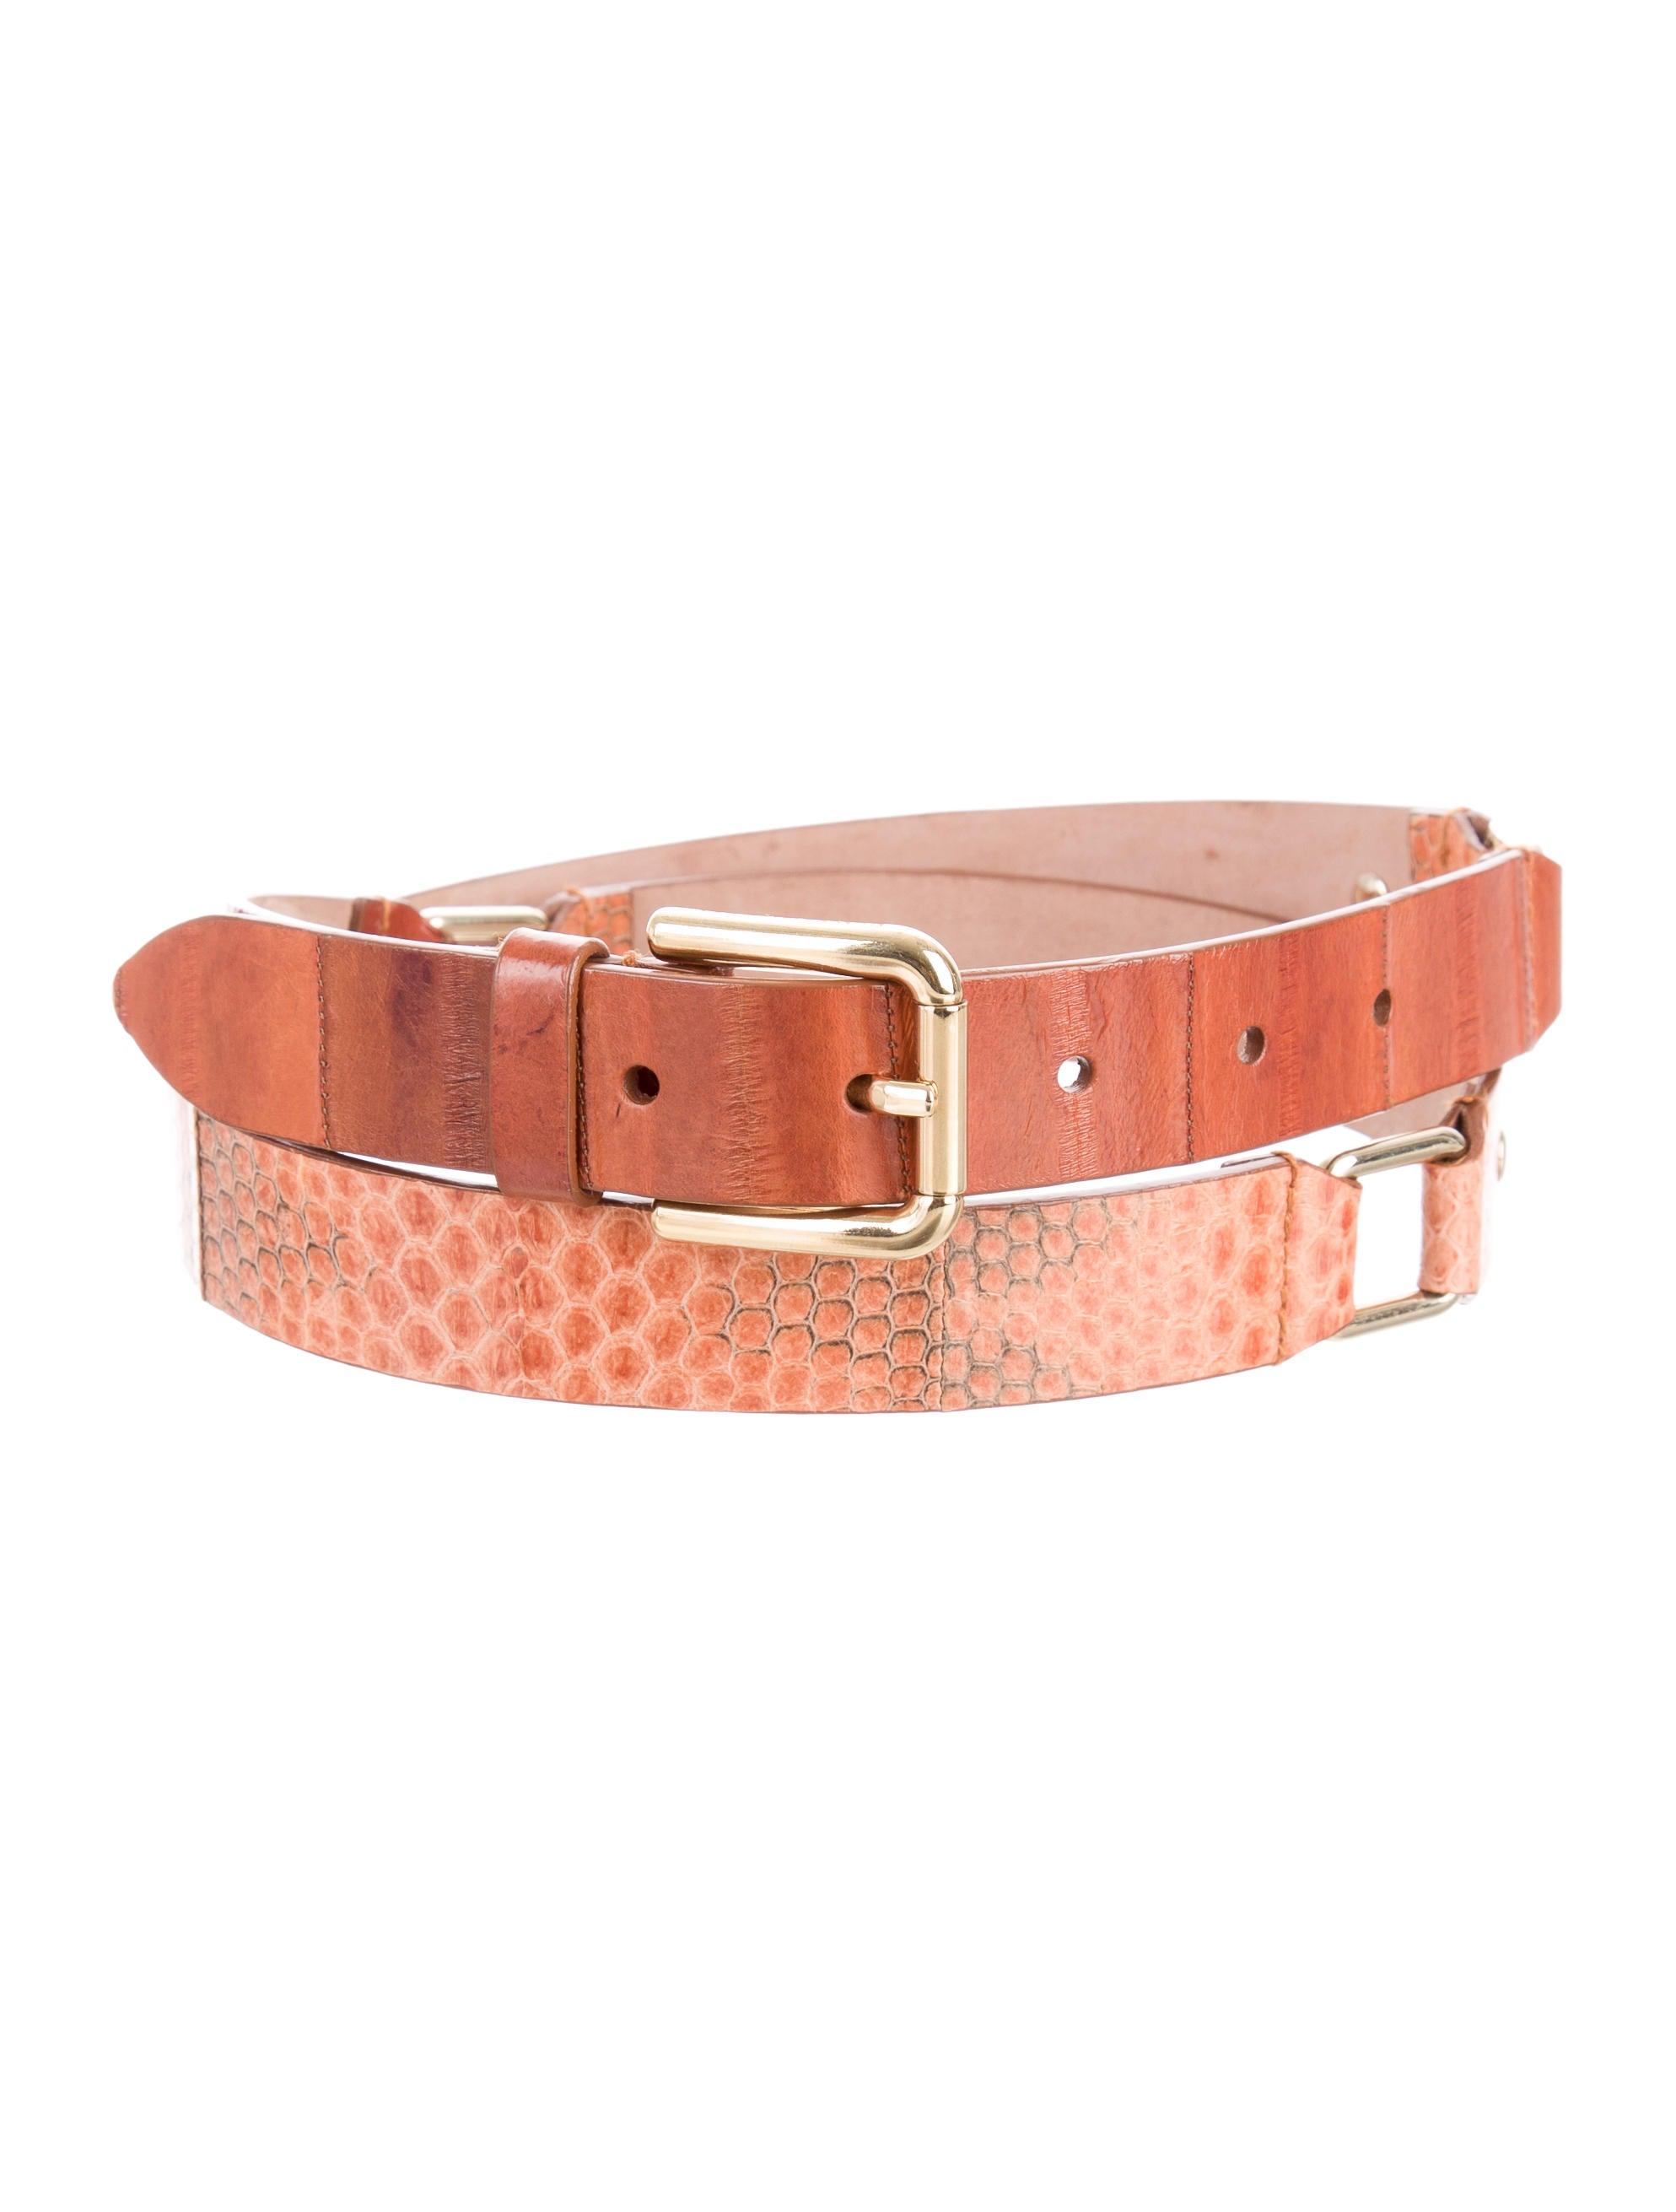 2268af49a435 Dolce   Gabbana Eel Skin   Snakeskin Belt - Accessories - DAG87566 ...